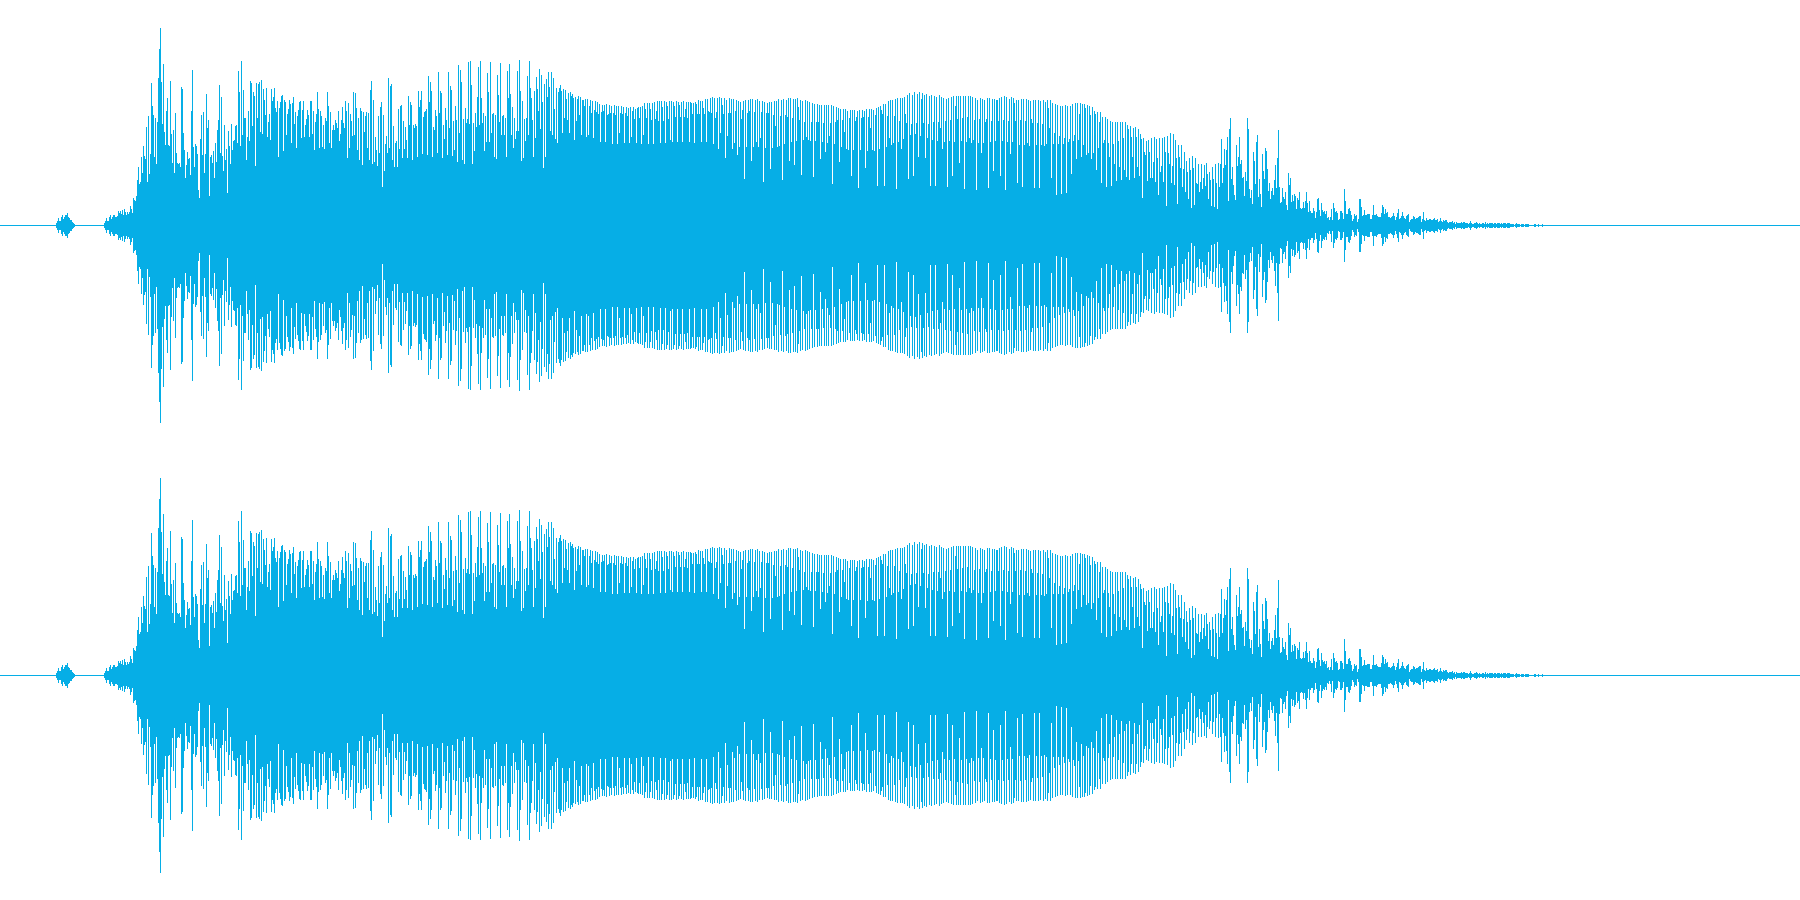 とぉ!アクション系のかけ声に最適!女性1の再生済みの波形